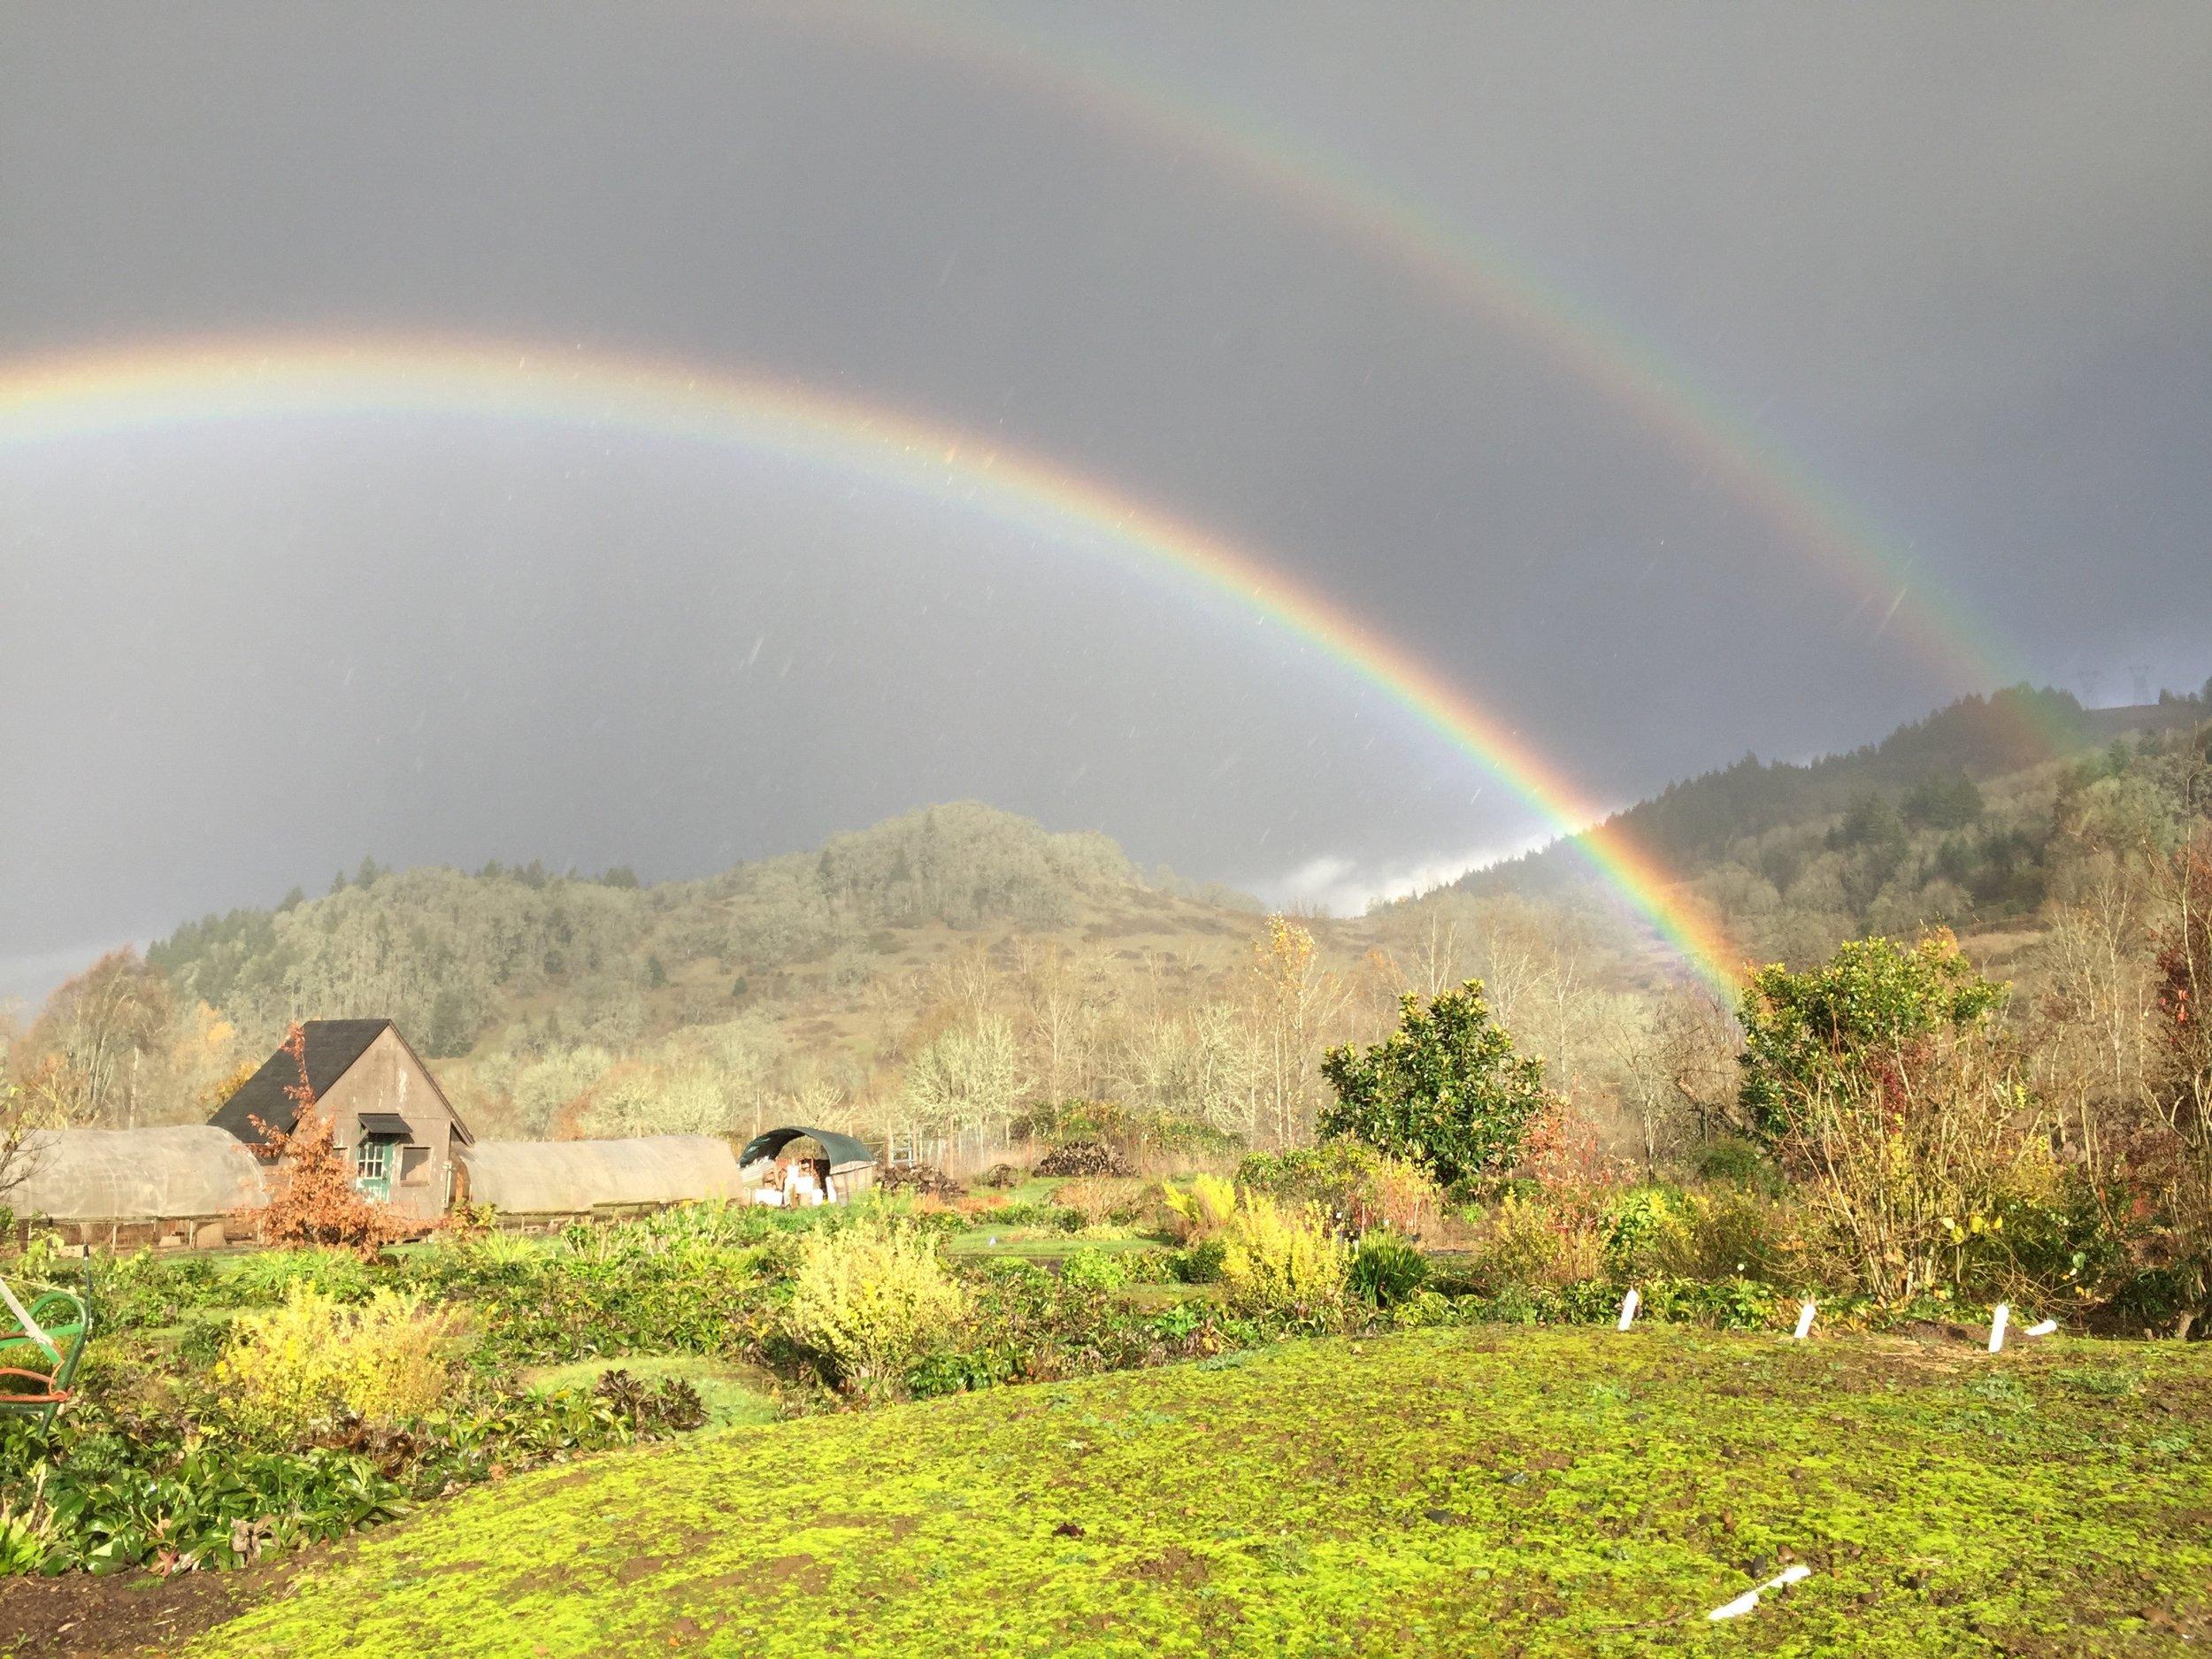 Double rainbow over Mt. Pisgah and the farm.